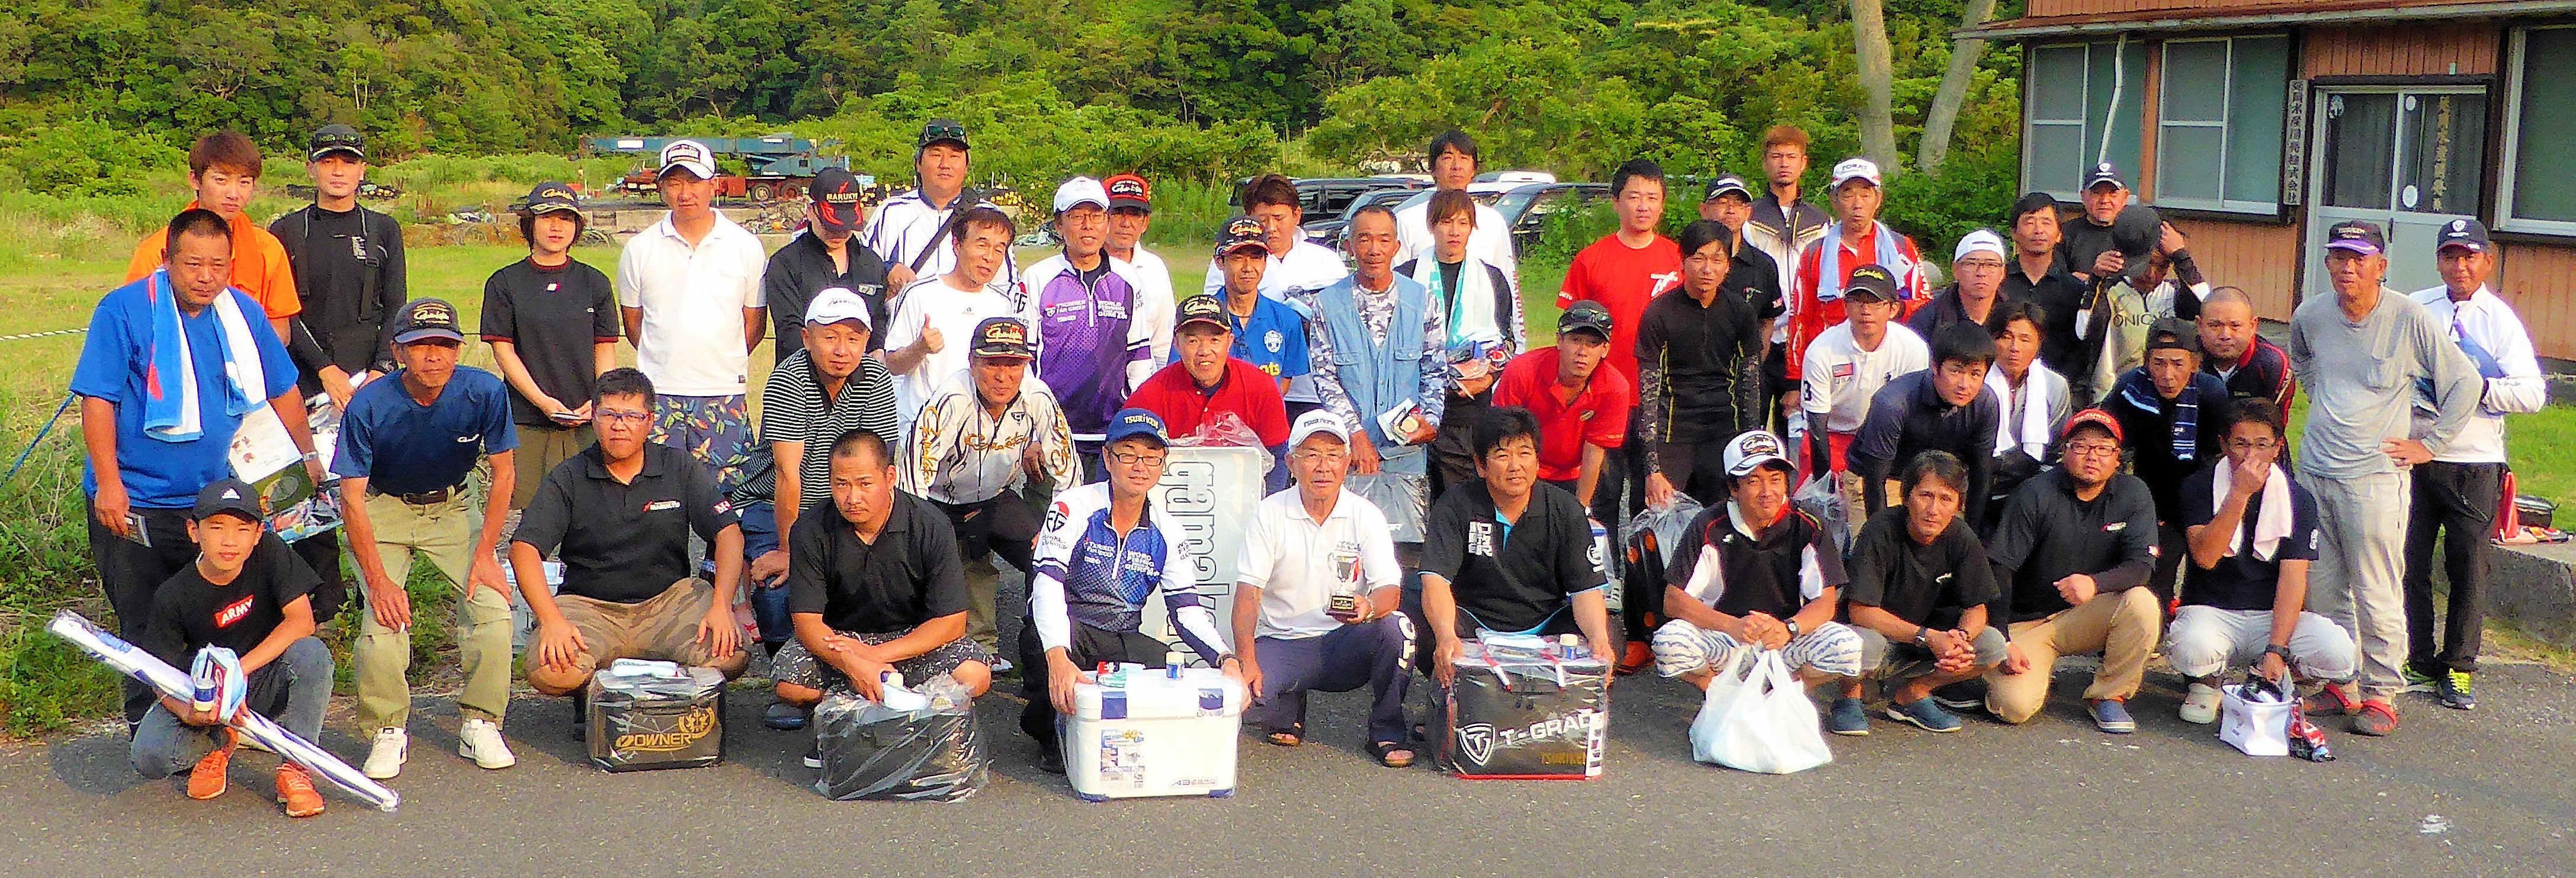 第30回チャリティー釣り大会集合写真